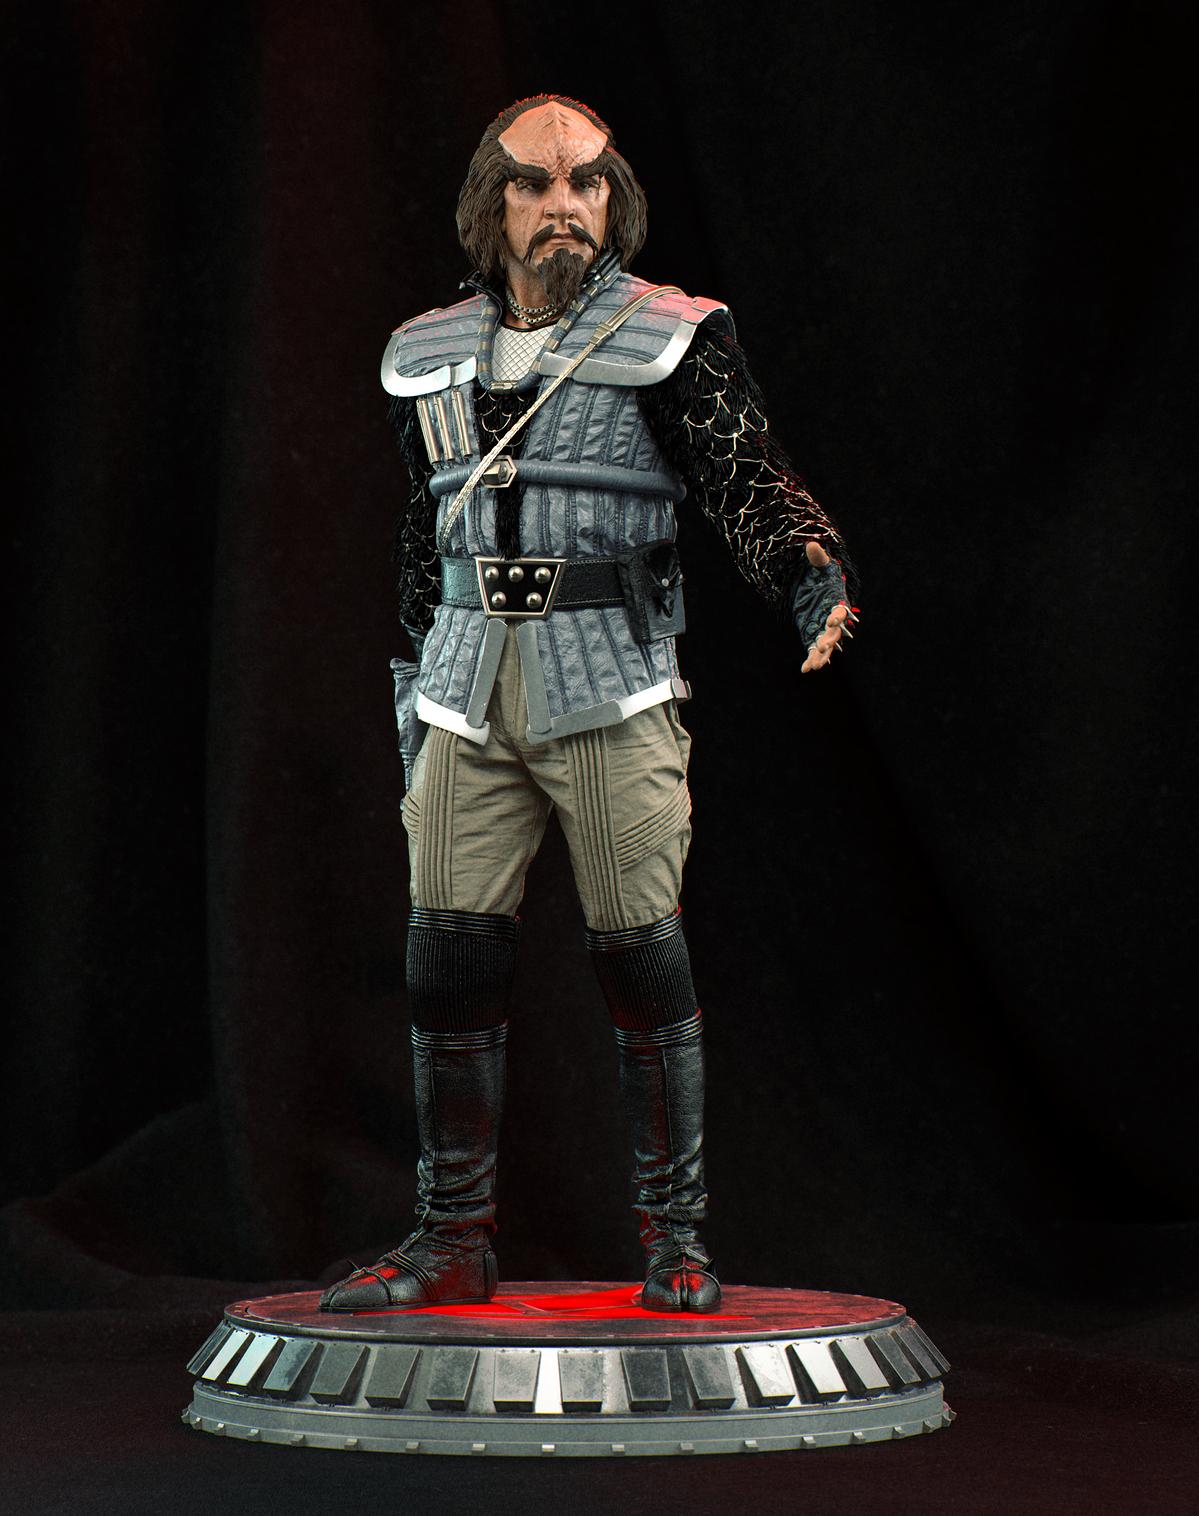 Klingon_07